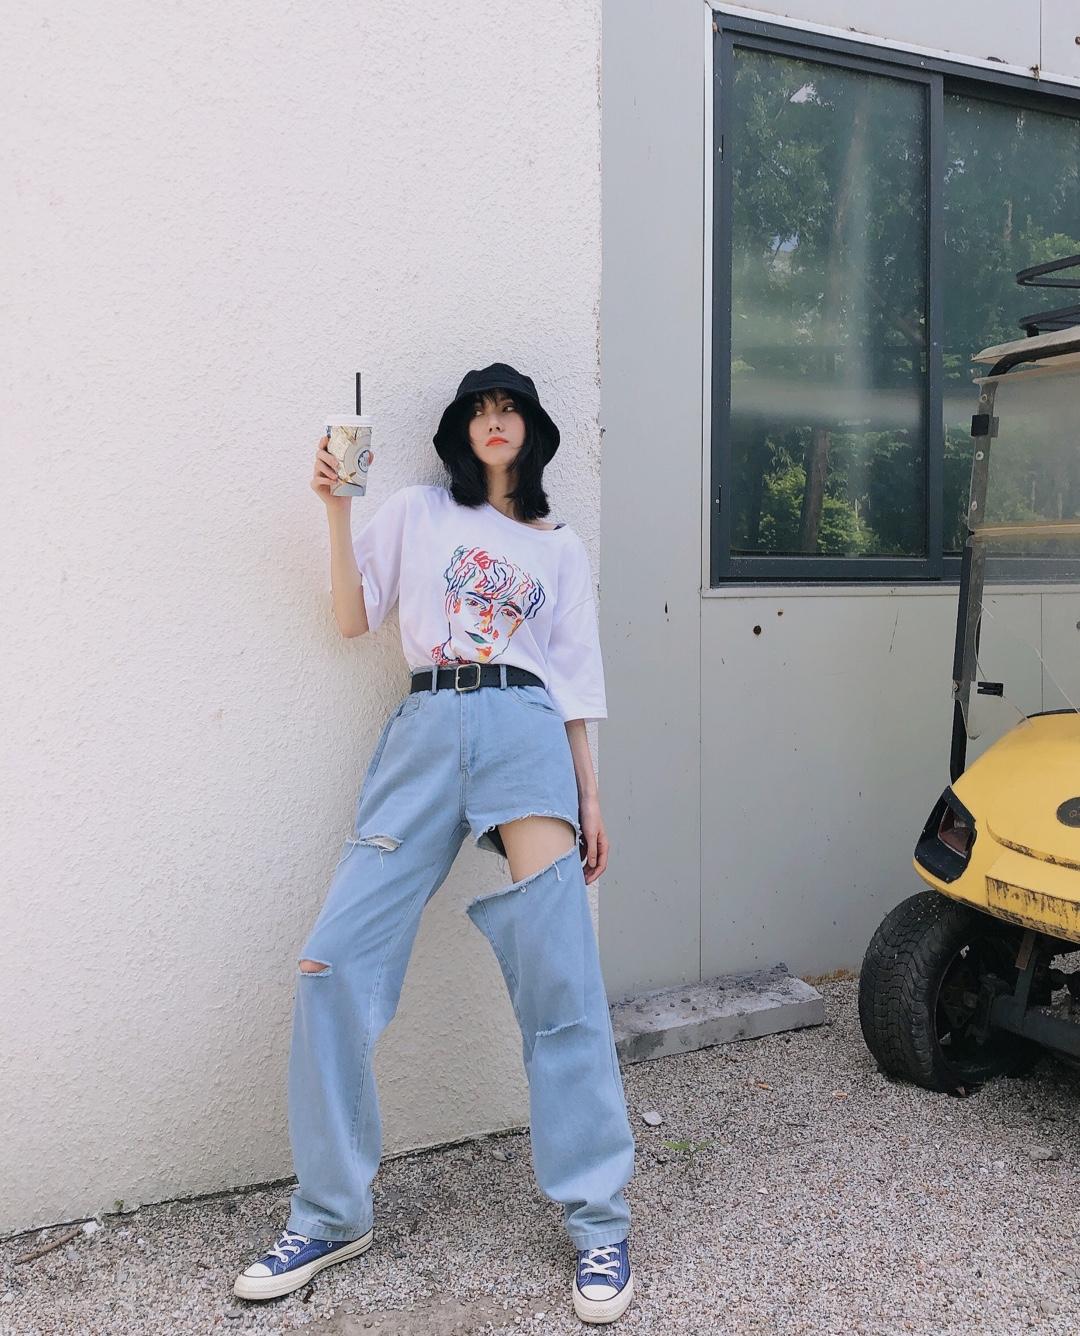 #街拍无死角,T恤刚刚好#个性时髦混搭look 个性涂鸦印花宽松T恤搭配个性显瘦显腿长破洞牛仔裤➕蓝色匡威鞋